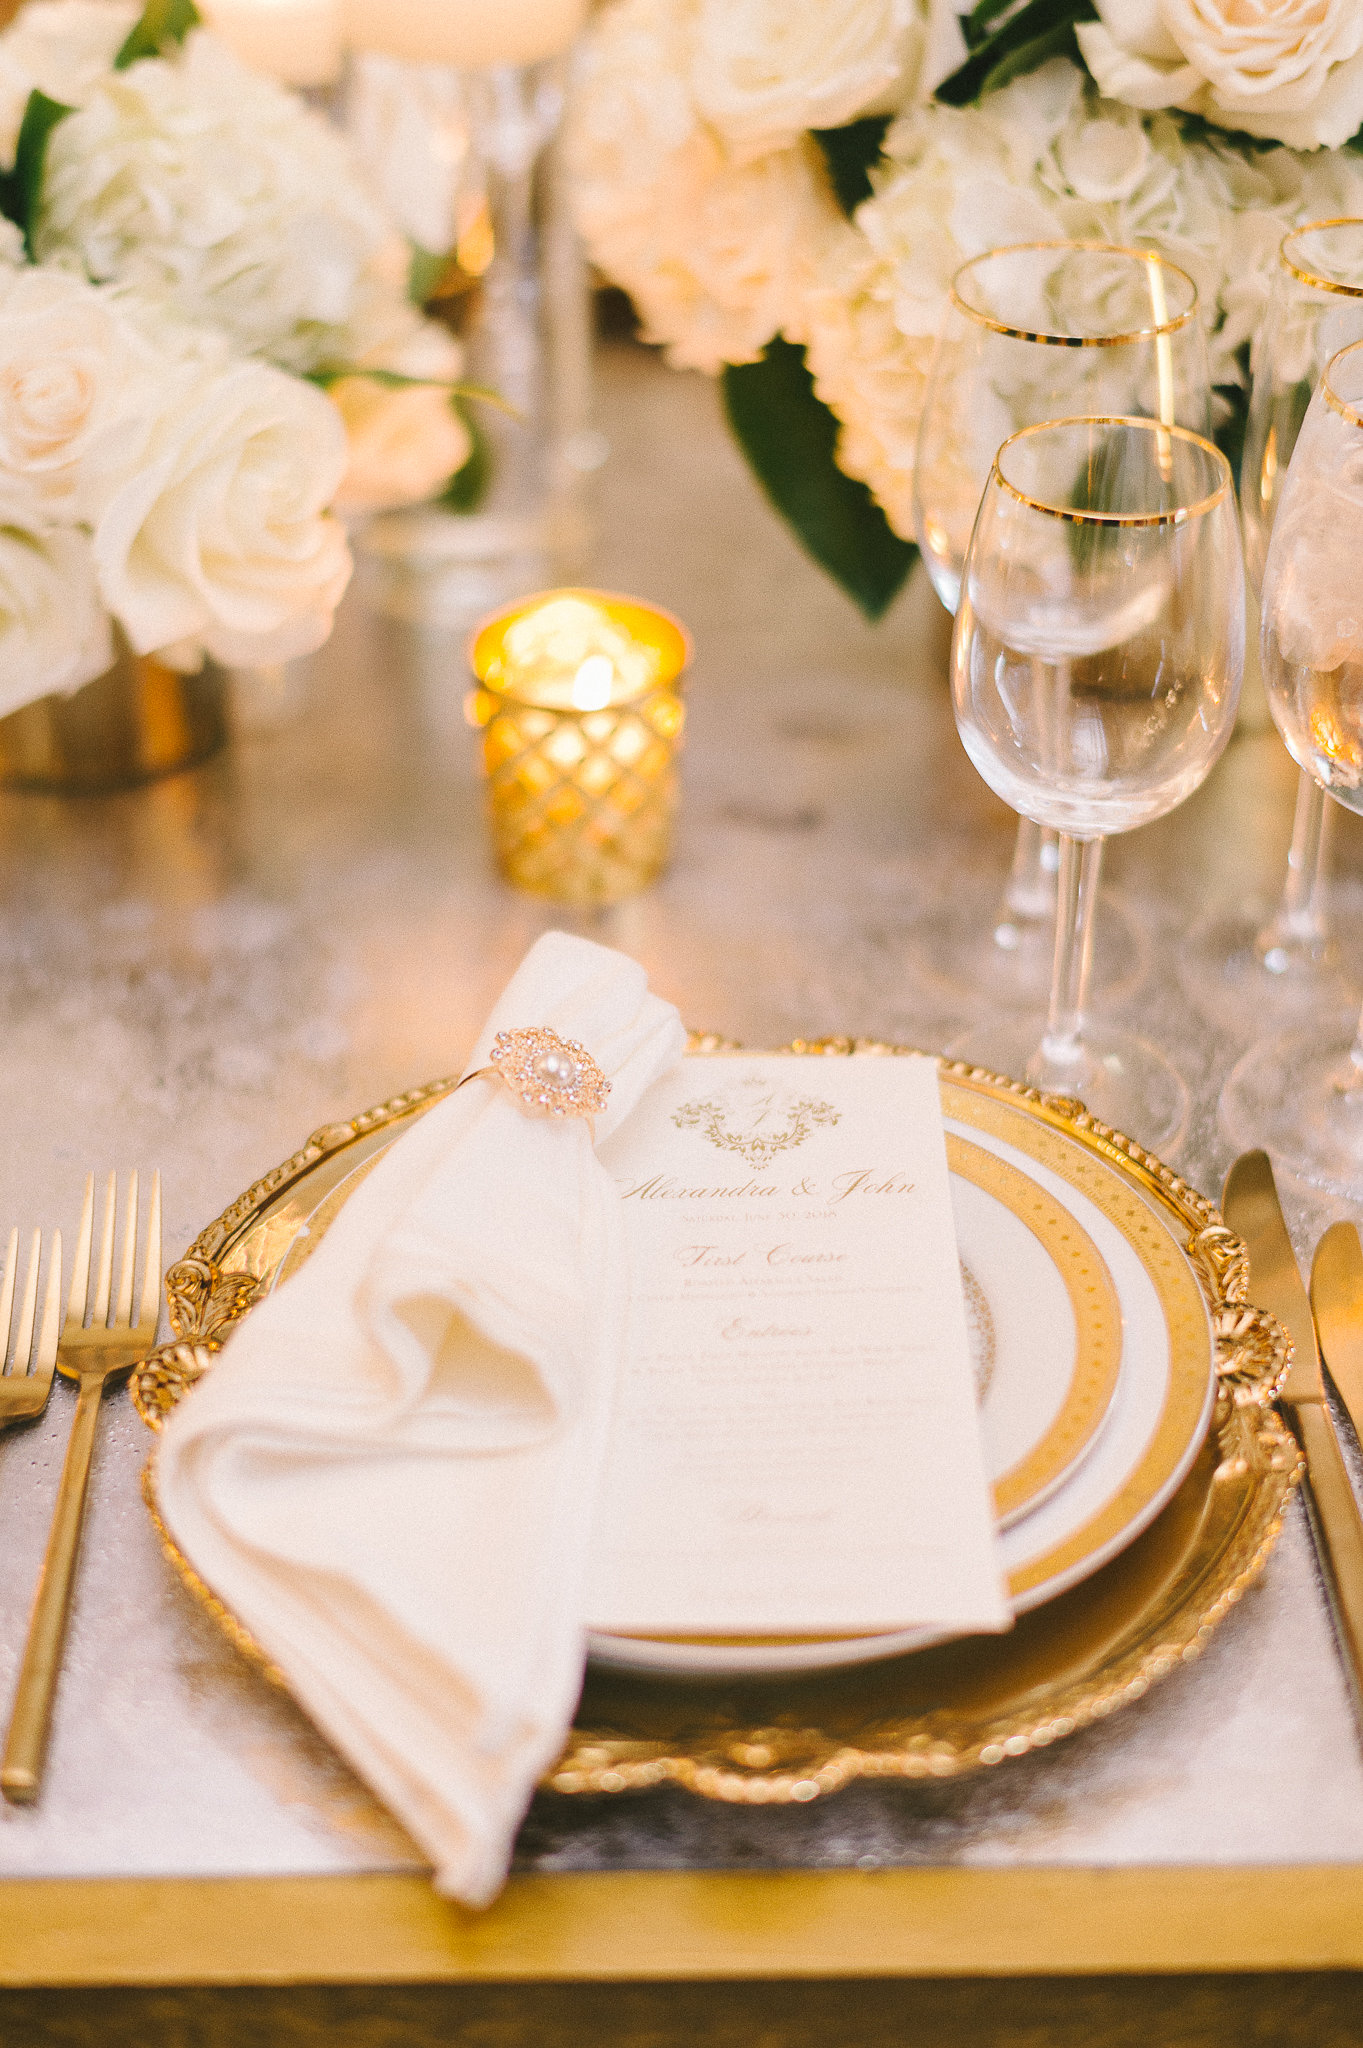 Elizabeth-Fogarty-Wedding-Photography-137.jpg